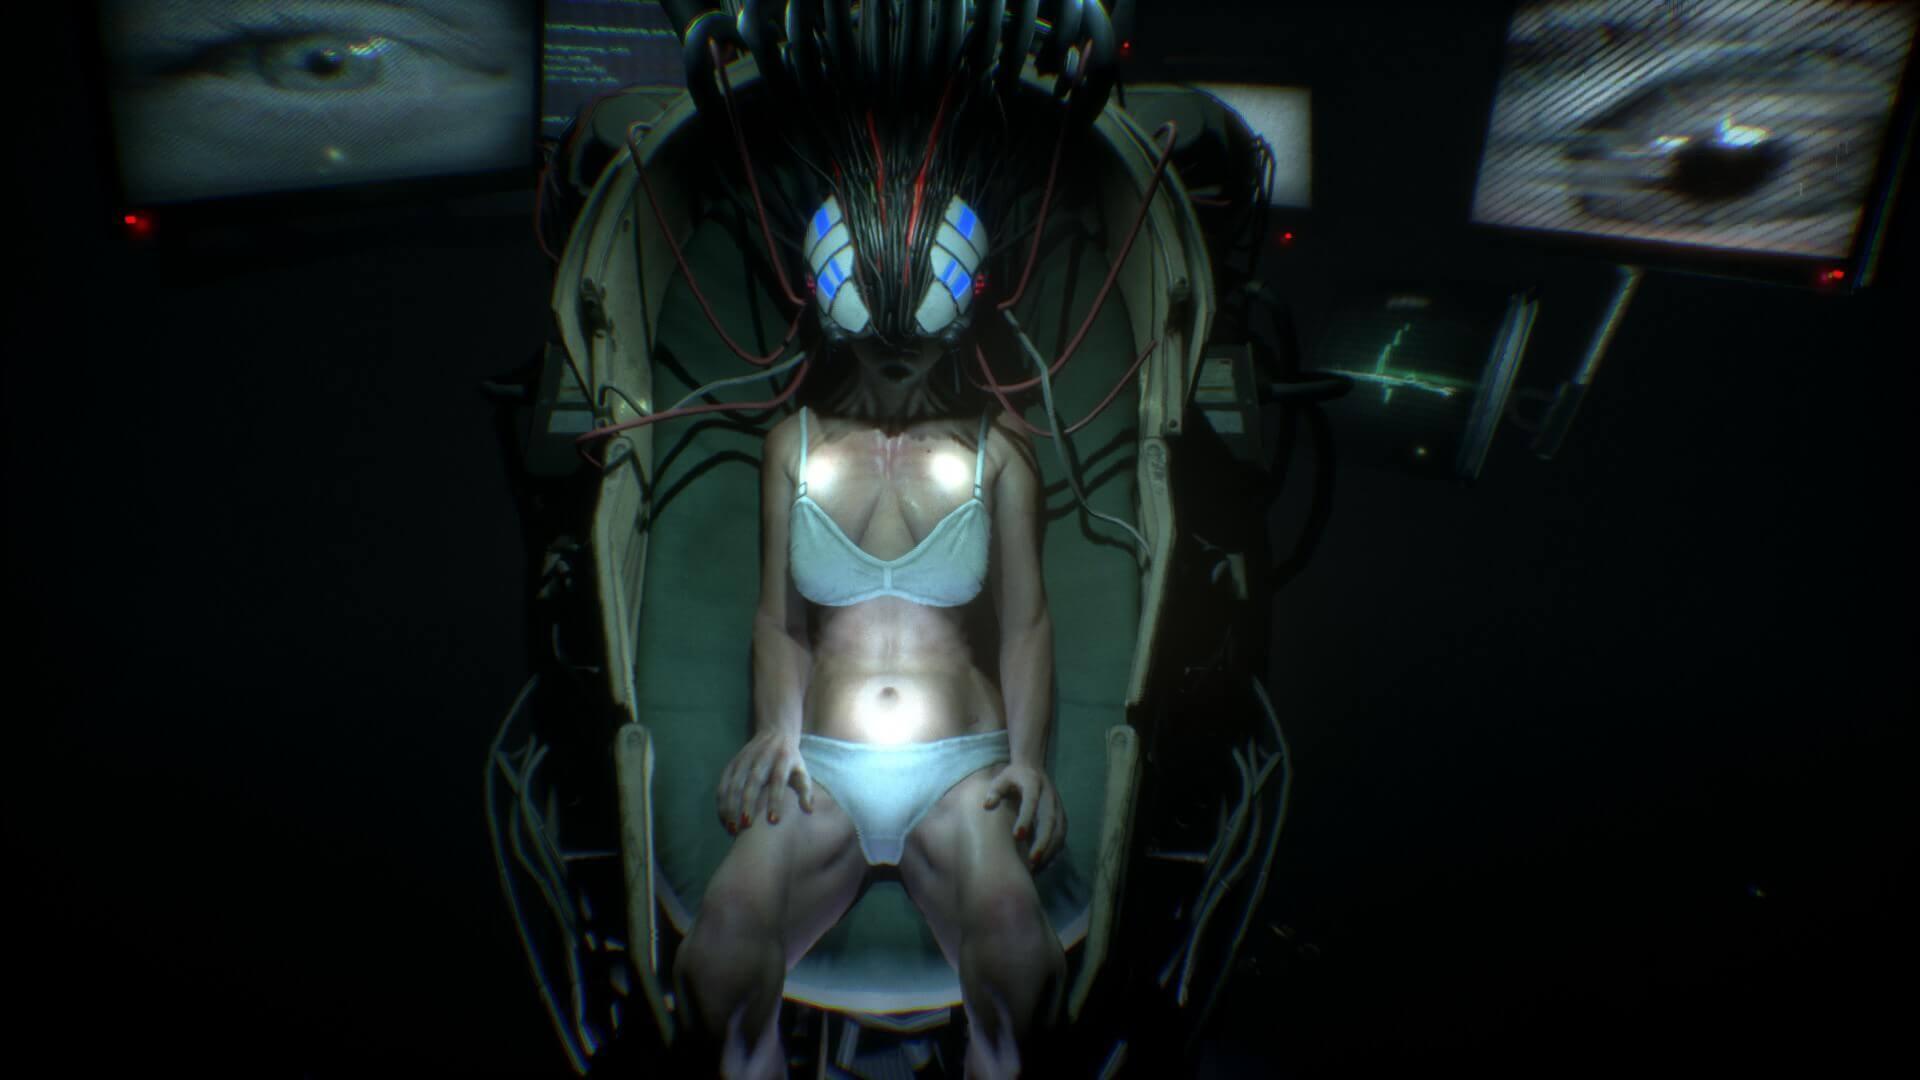 肉体は死んだが、脳内だけはネット接続された女性。